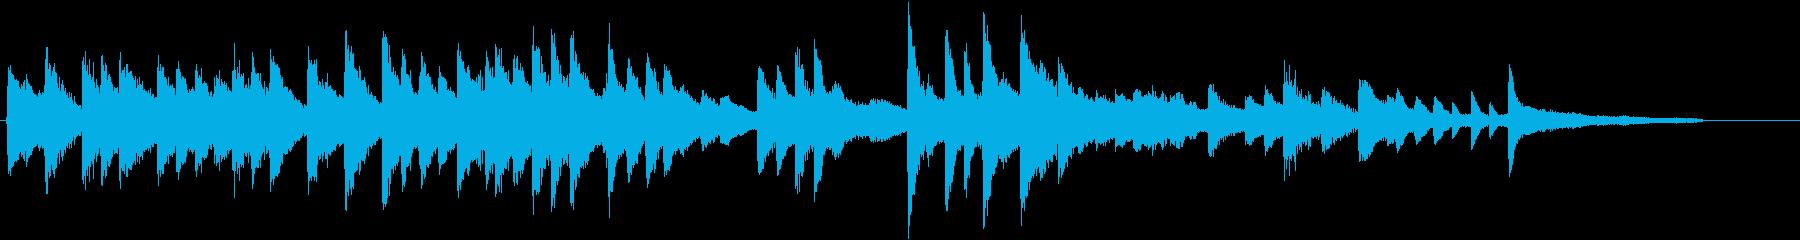 証城寺の狸囃子モチーフのピアノジングルDの再生済みの波形